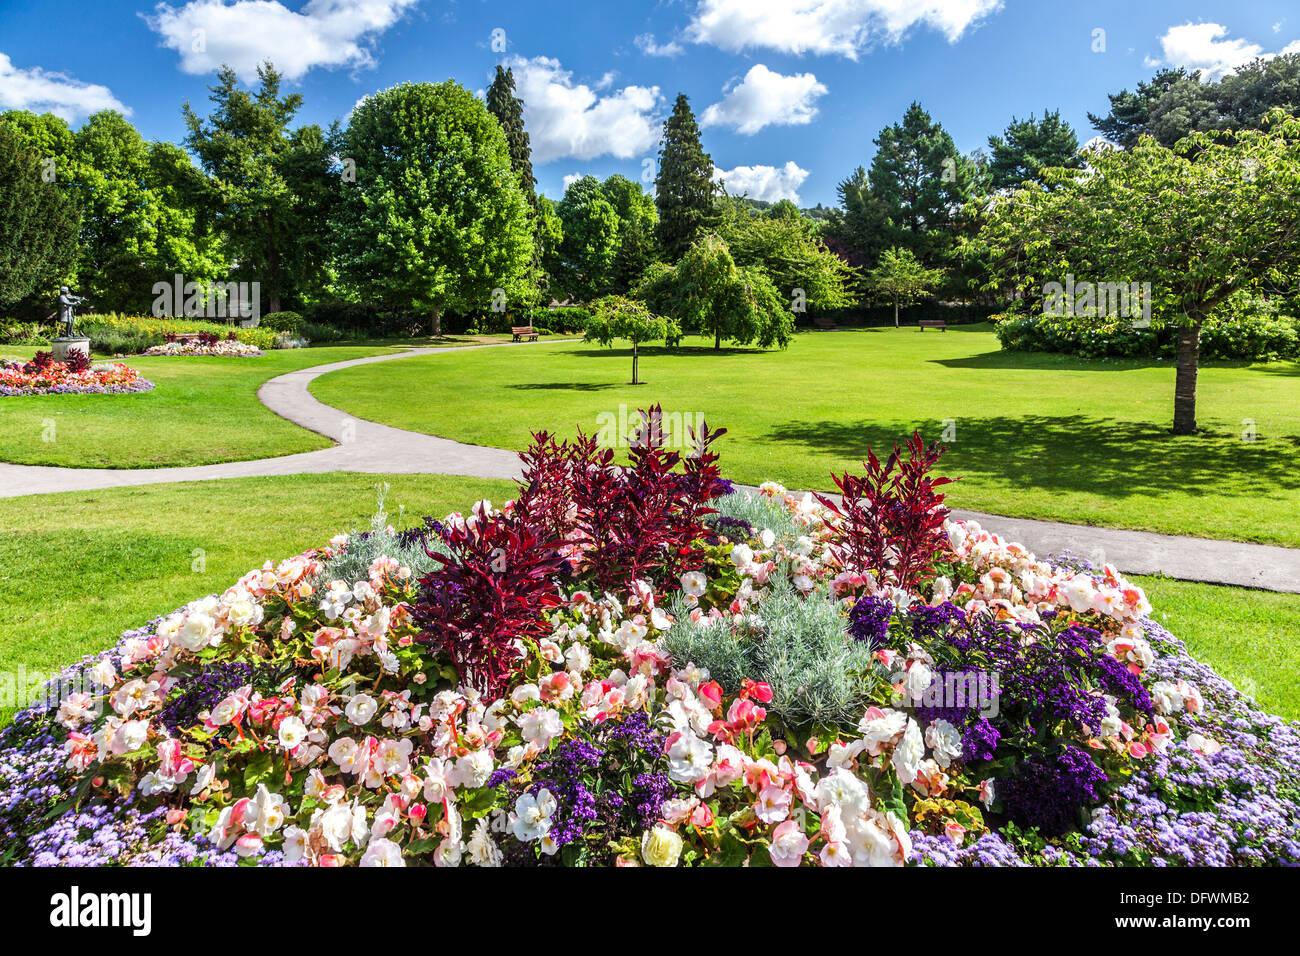 Blick auf die Parade-Gärten im Bad an einem sonnigen Sommertag. Stockbild